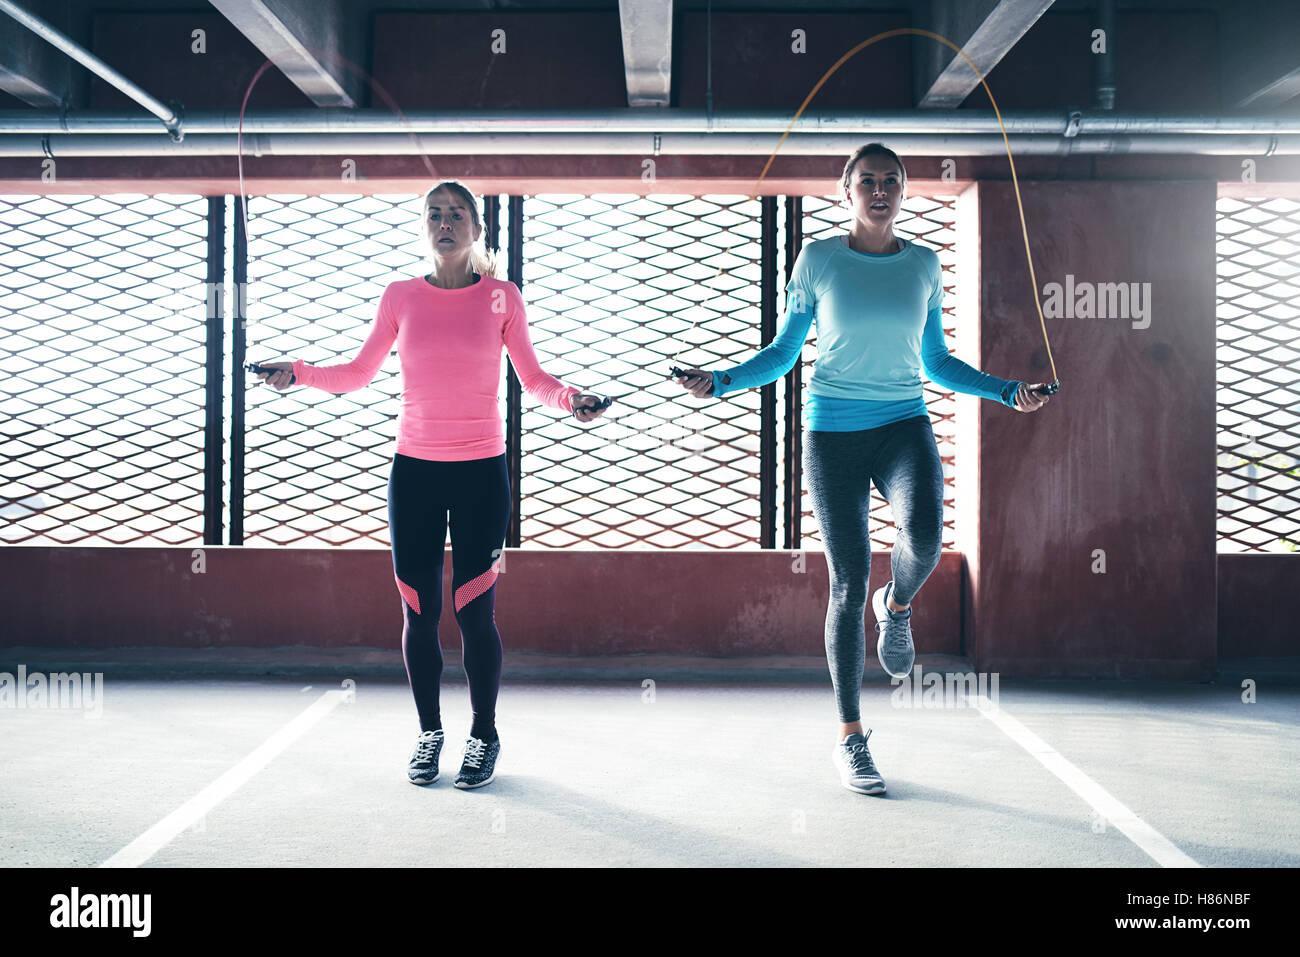 Vista frontal del Athletic dos chicas haciendo ejercicio copyspace saltar la cuerda. Imagen De Stock